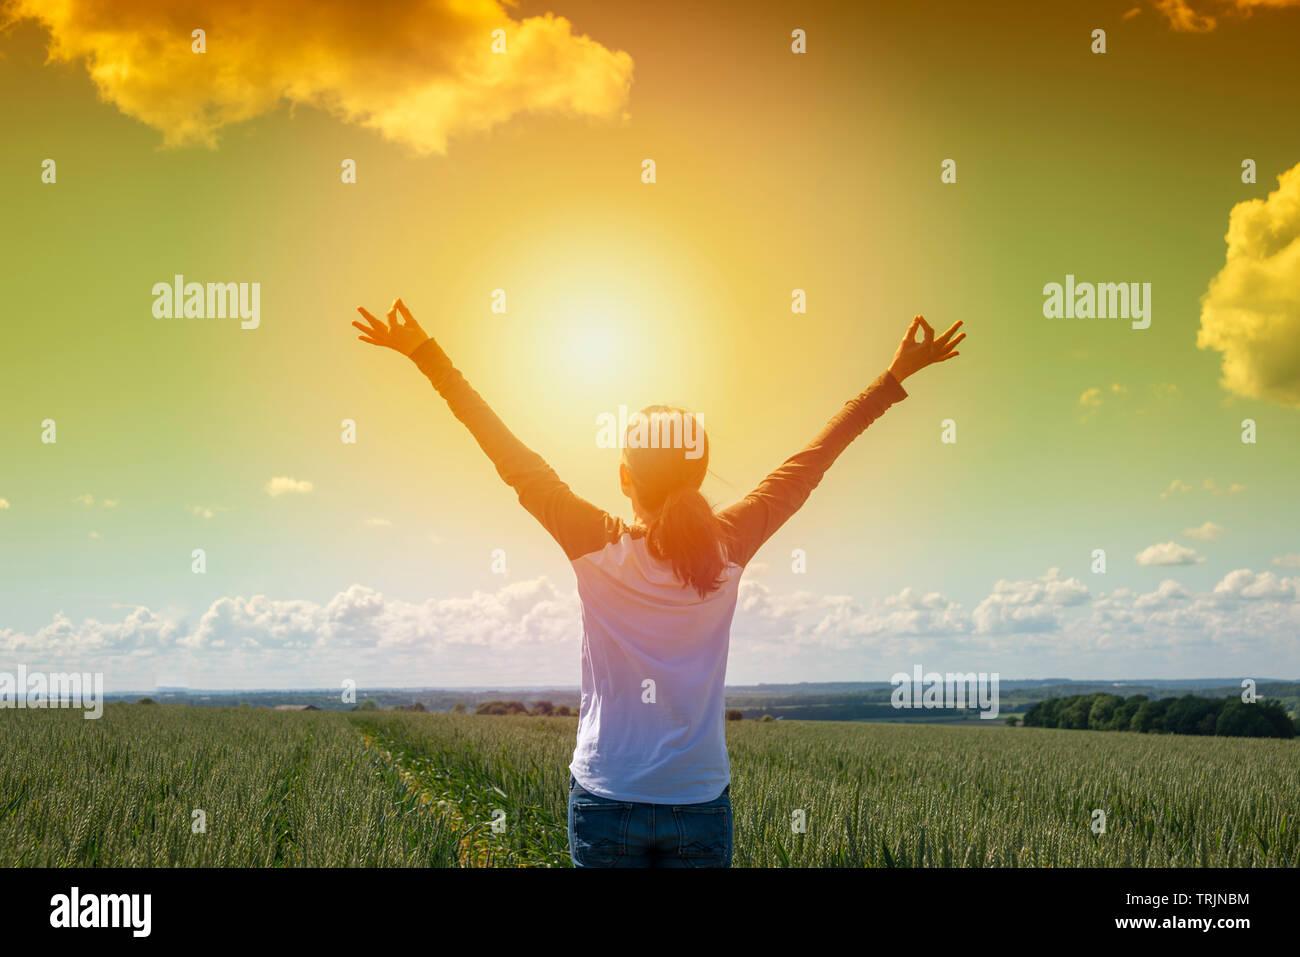 Rückansicht einer Frau bei Sonnenaufgang mit ihren Armen in der Freude und Freiheit stehen in einem Feld von Weizen angehoben Stockfoto